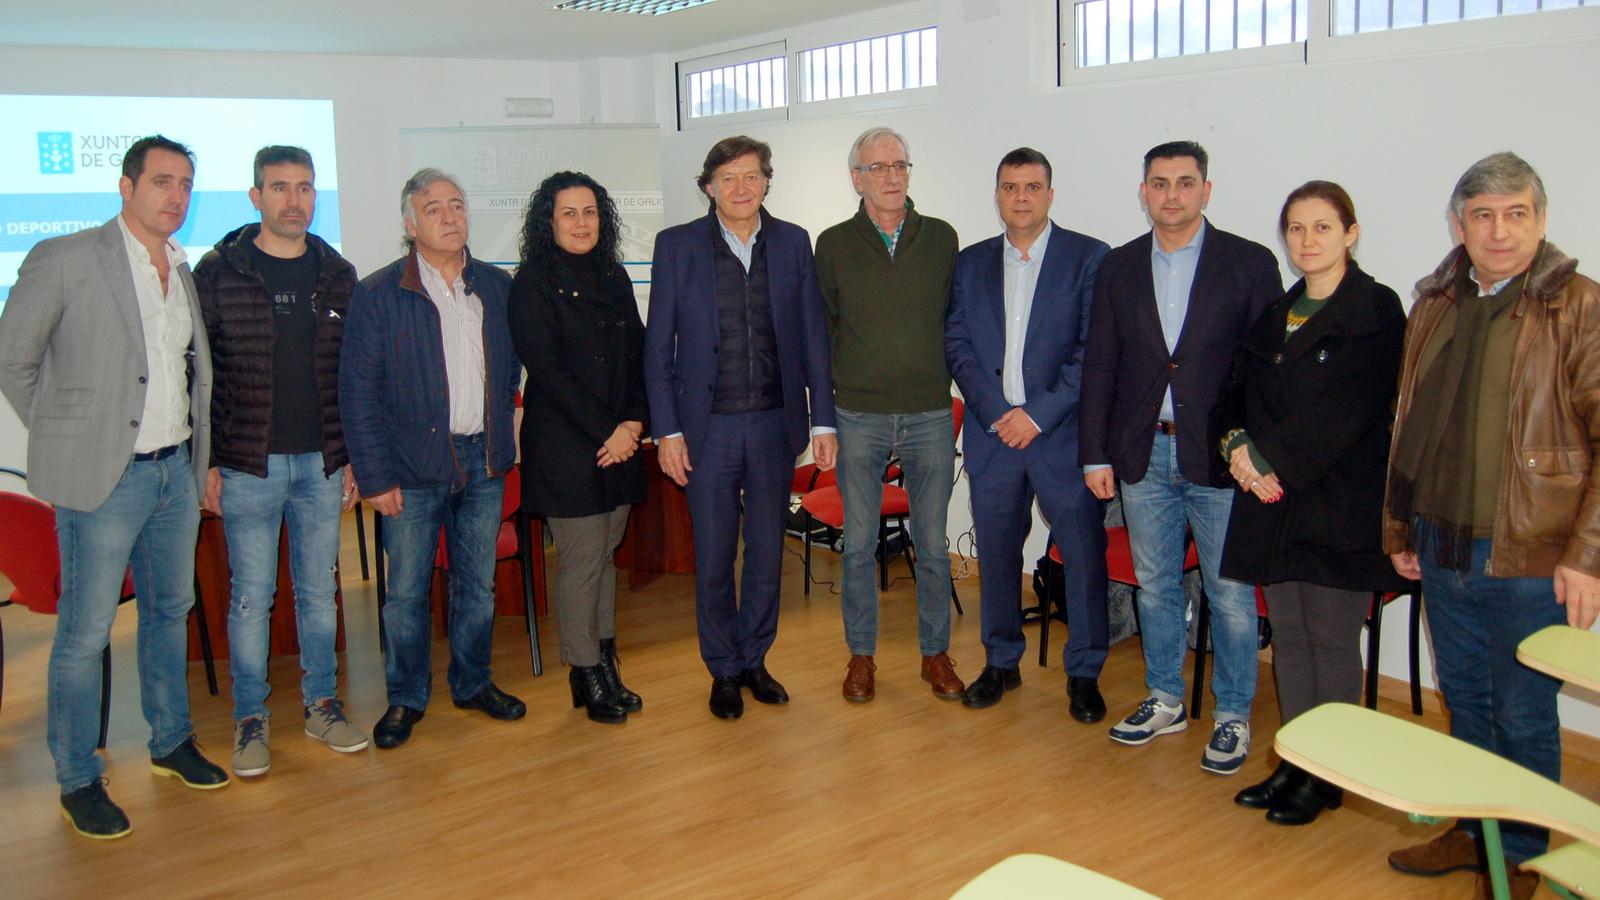 Lete Lasa Xunta de Galicia Federacions